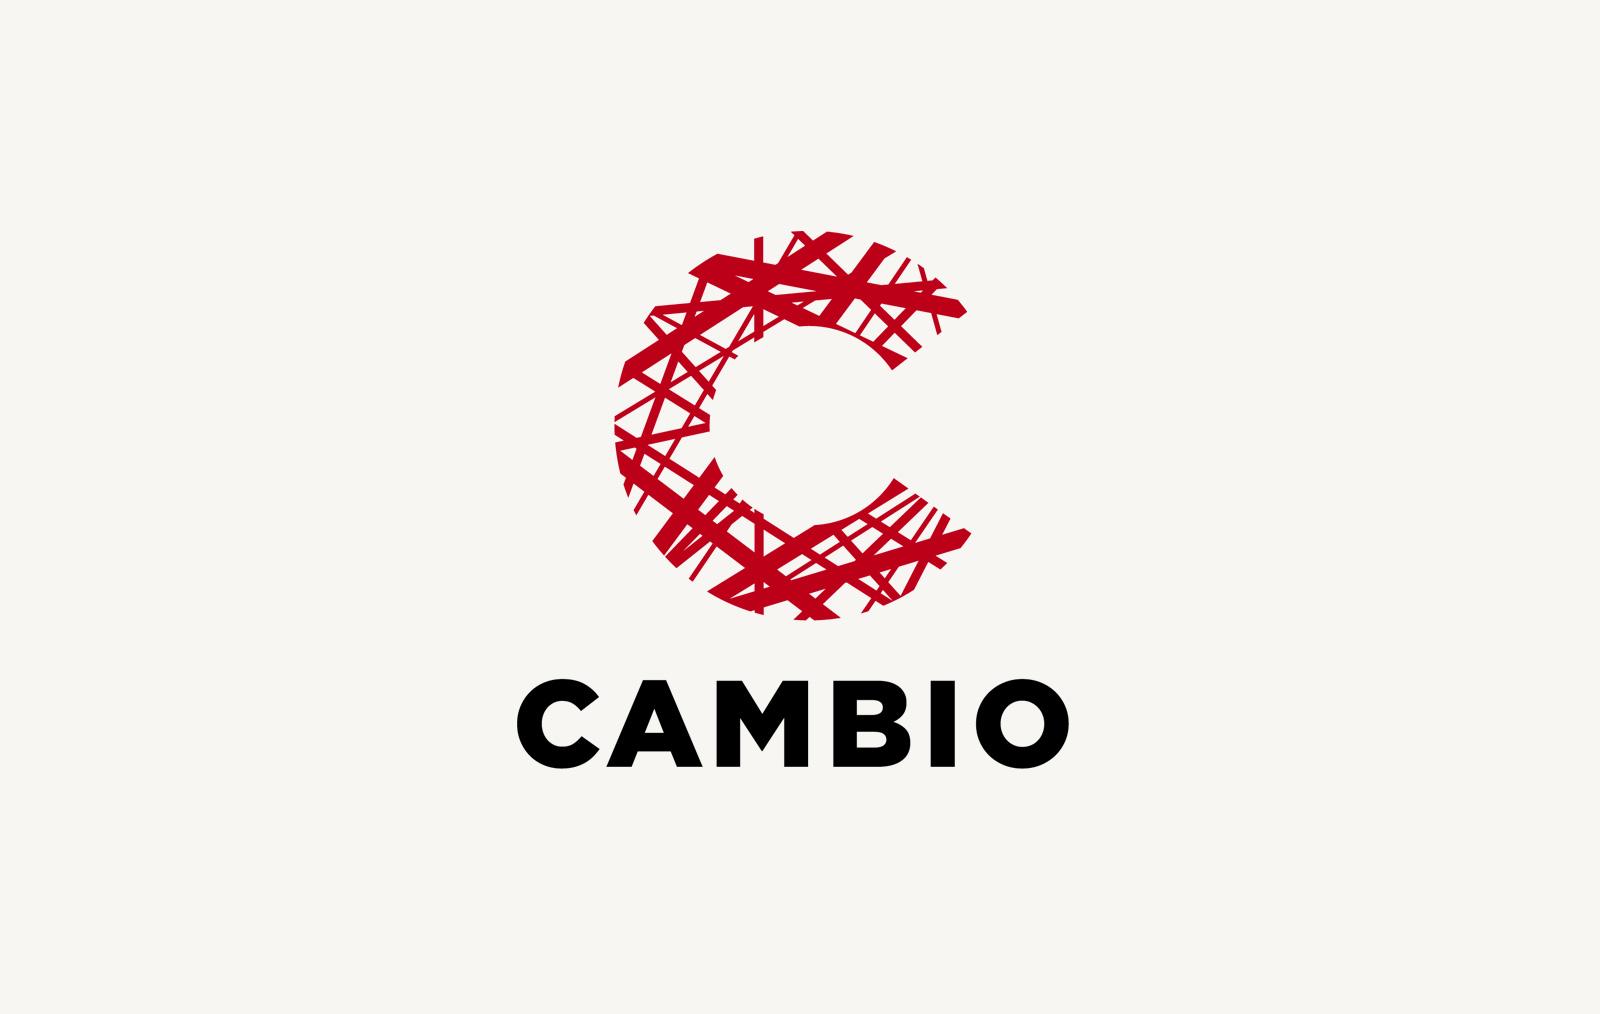 Cambio - ny logotyp